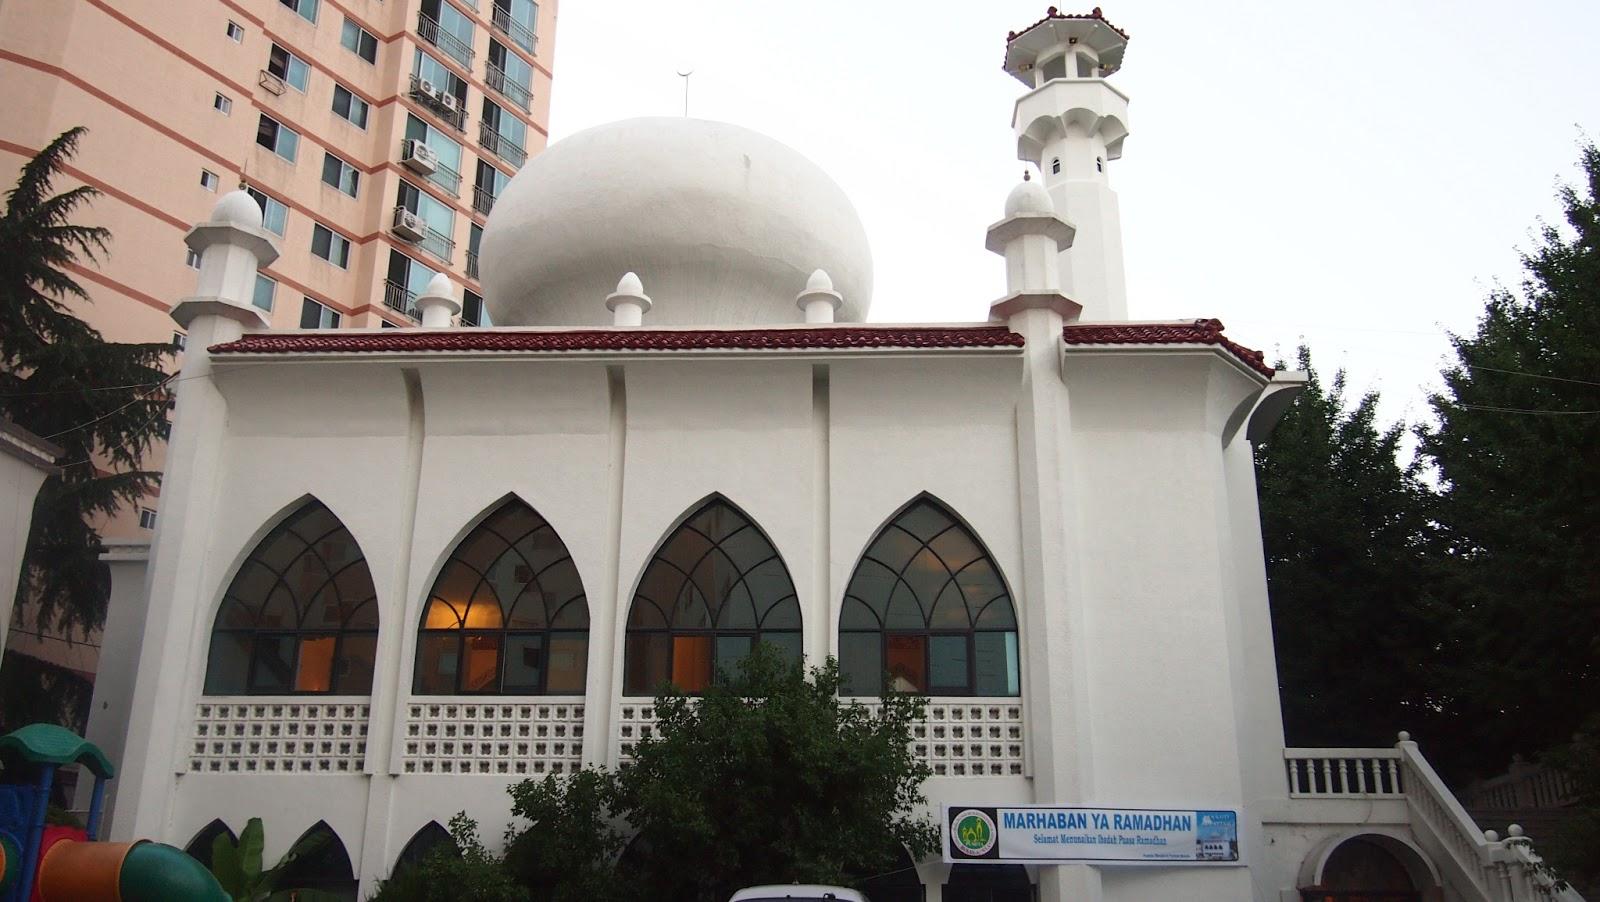 Hasil gambar untuk busan mosque